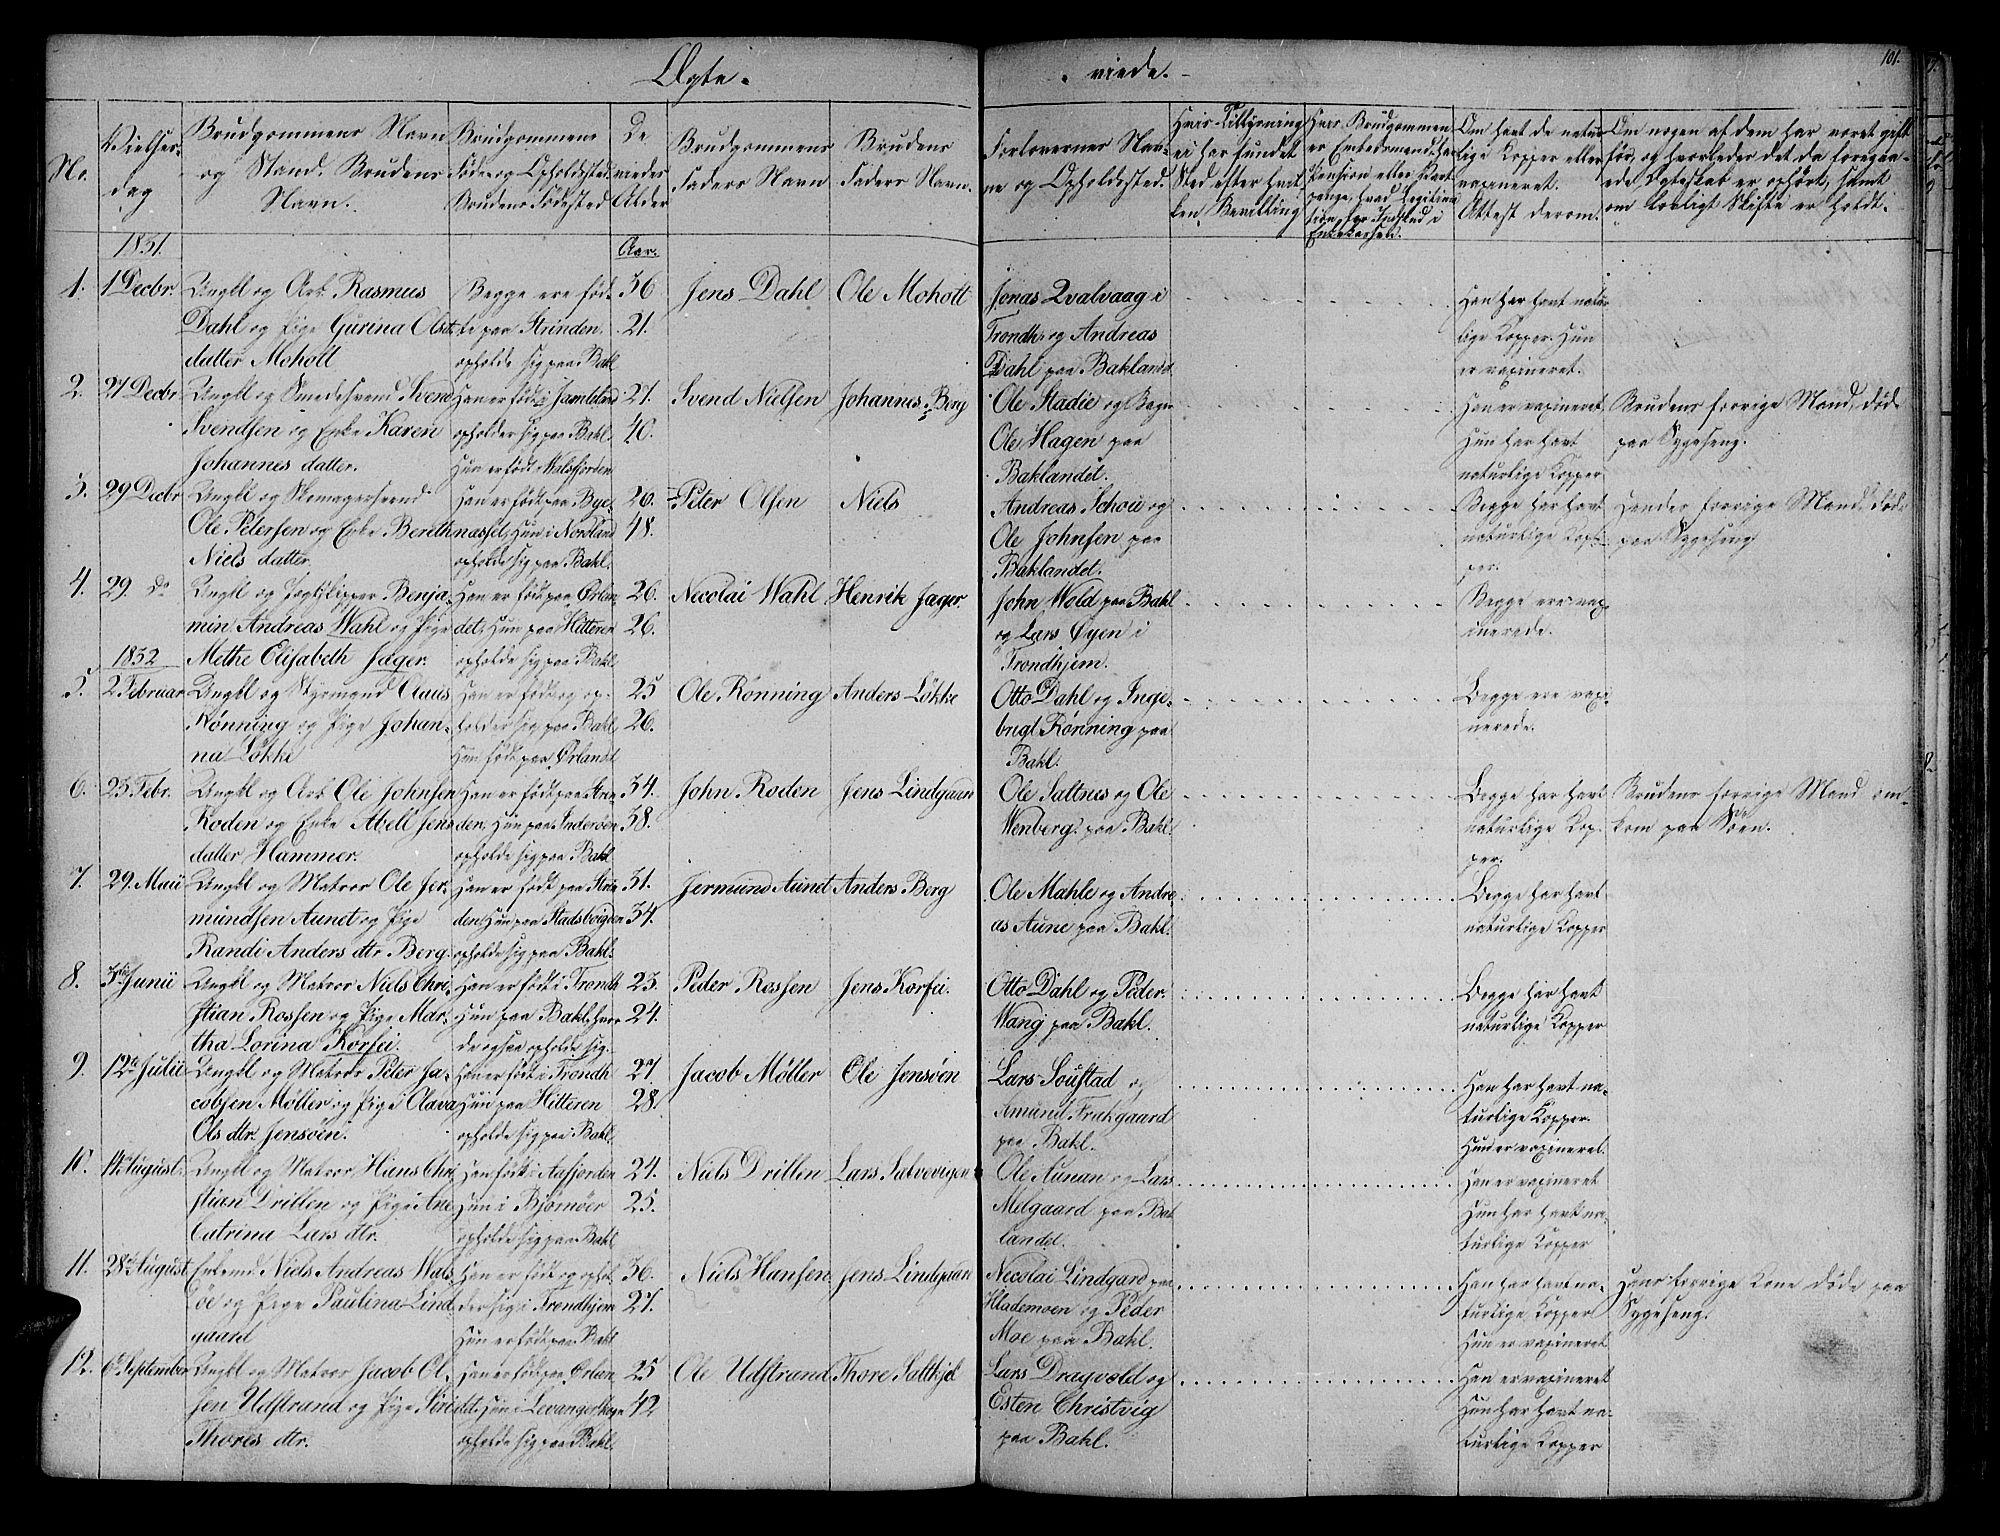 SAT, Ministerialprotokoller, klokkerbøker og fødselsregistre - Sør-Trøndelag, 604/L0182: Ministerialbok nr. 604A03, 1818-1850, s. 101